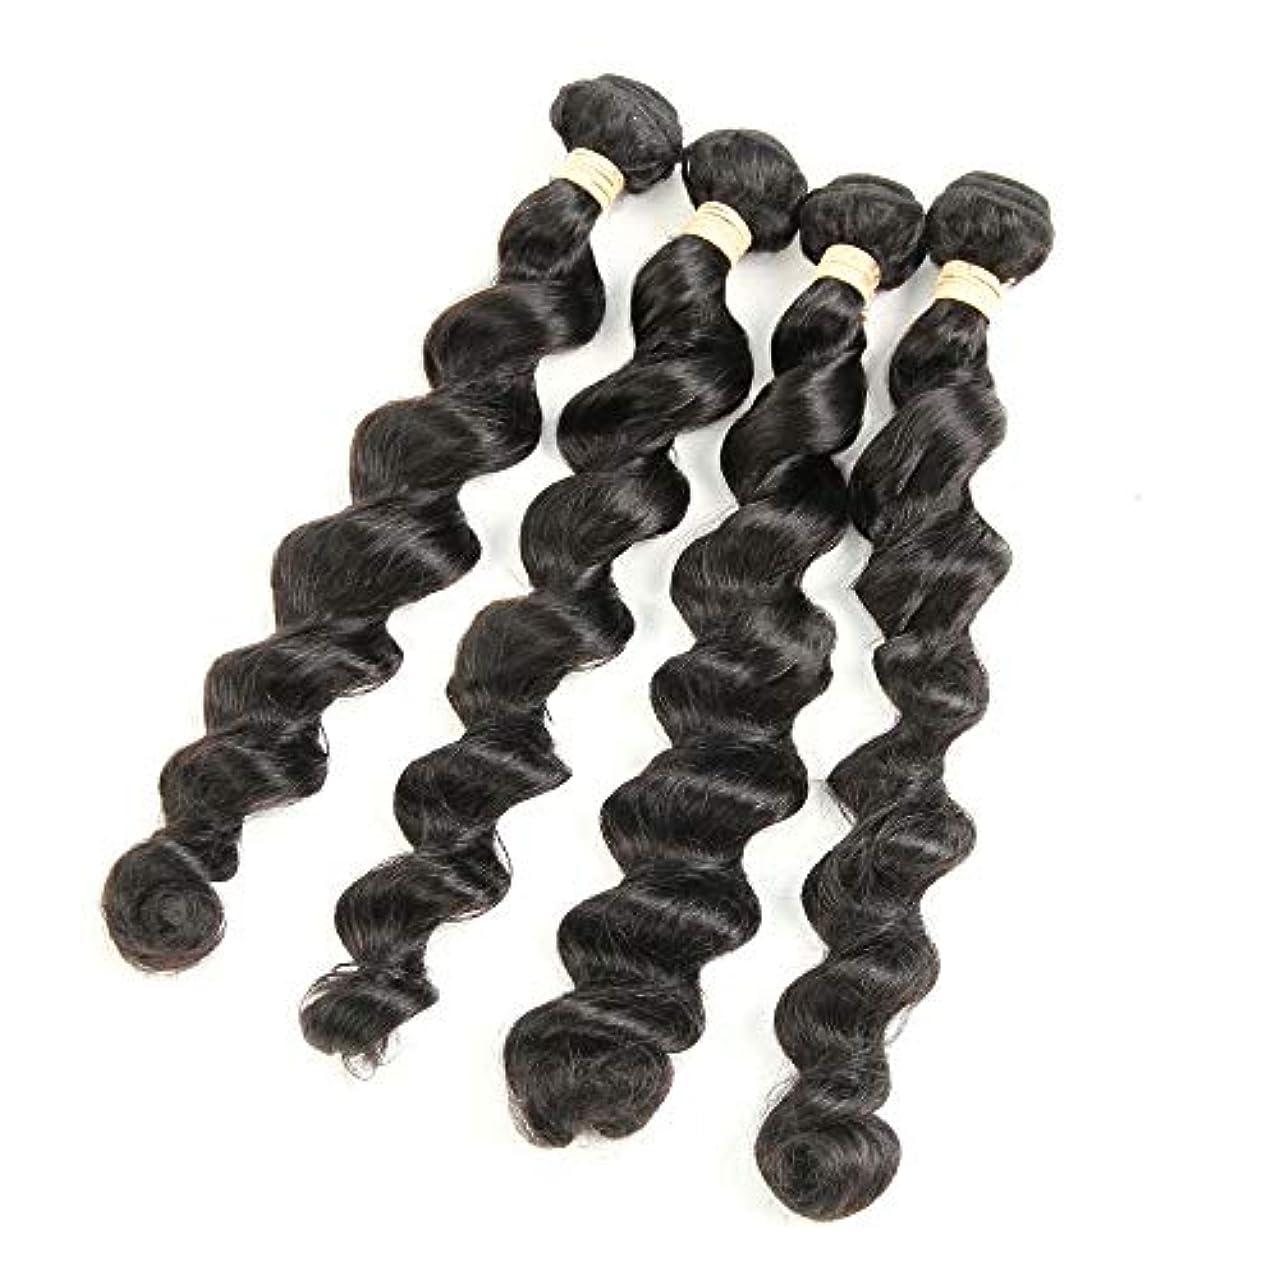 人口アクティブ比較WASAIO 人毛レースフロントウィッグブラジルのバージンヘアールーズウェーブ1つのバンドル100%未処理の人間の髪ブロンド (色 : 黒, サイズ : 16 inch)